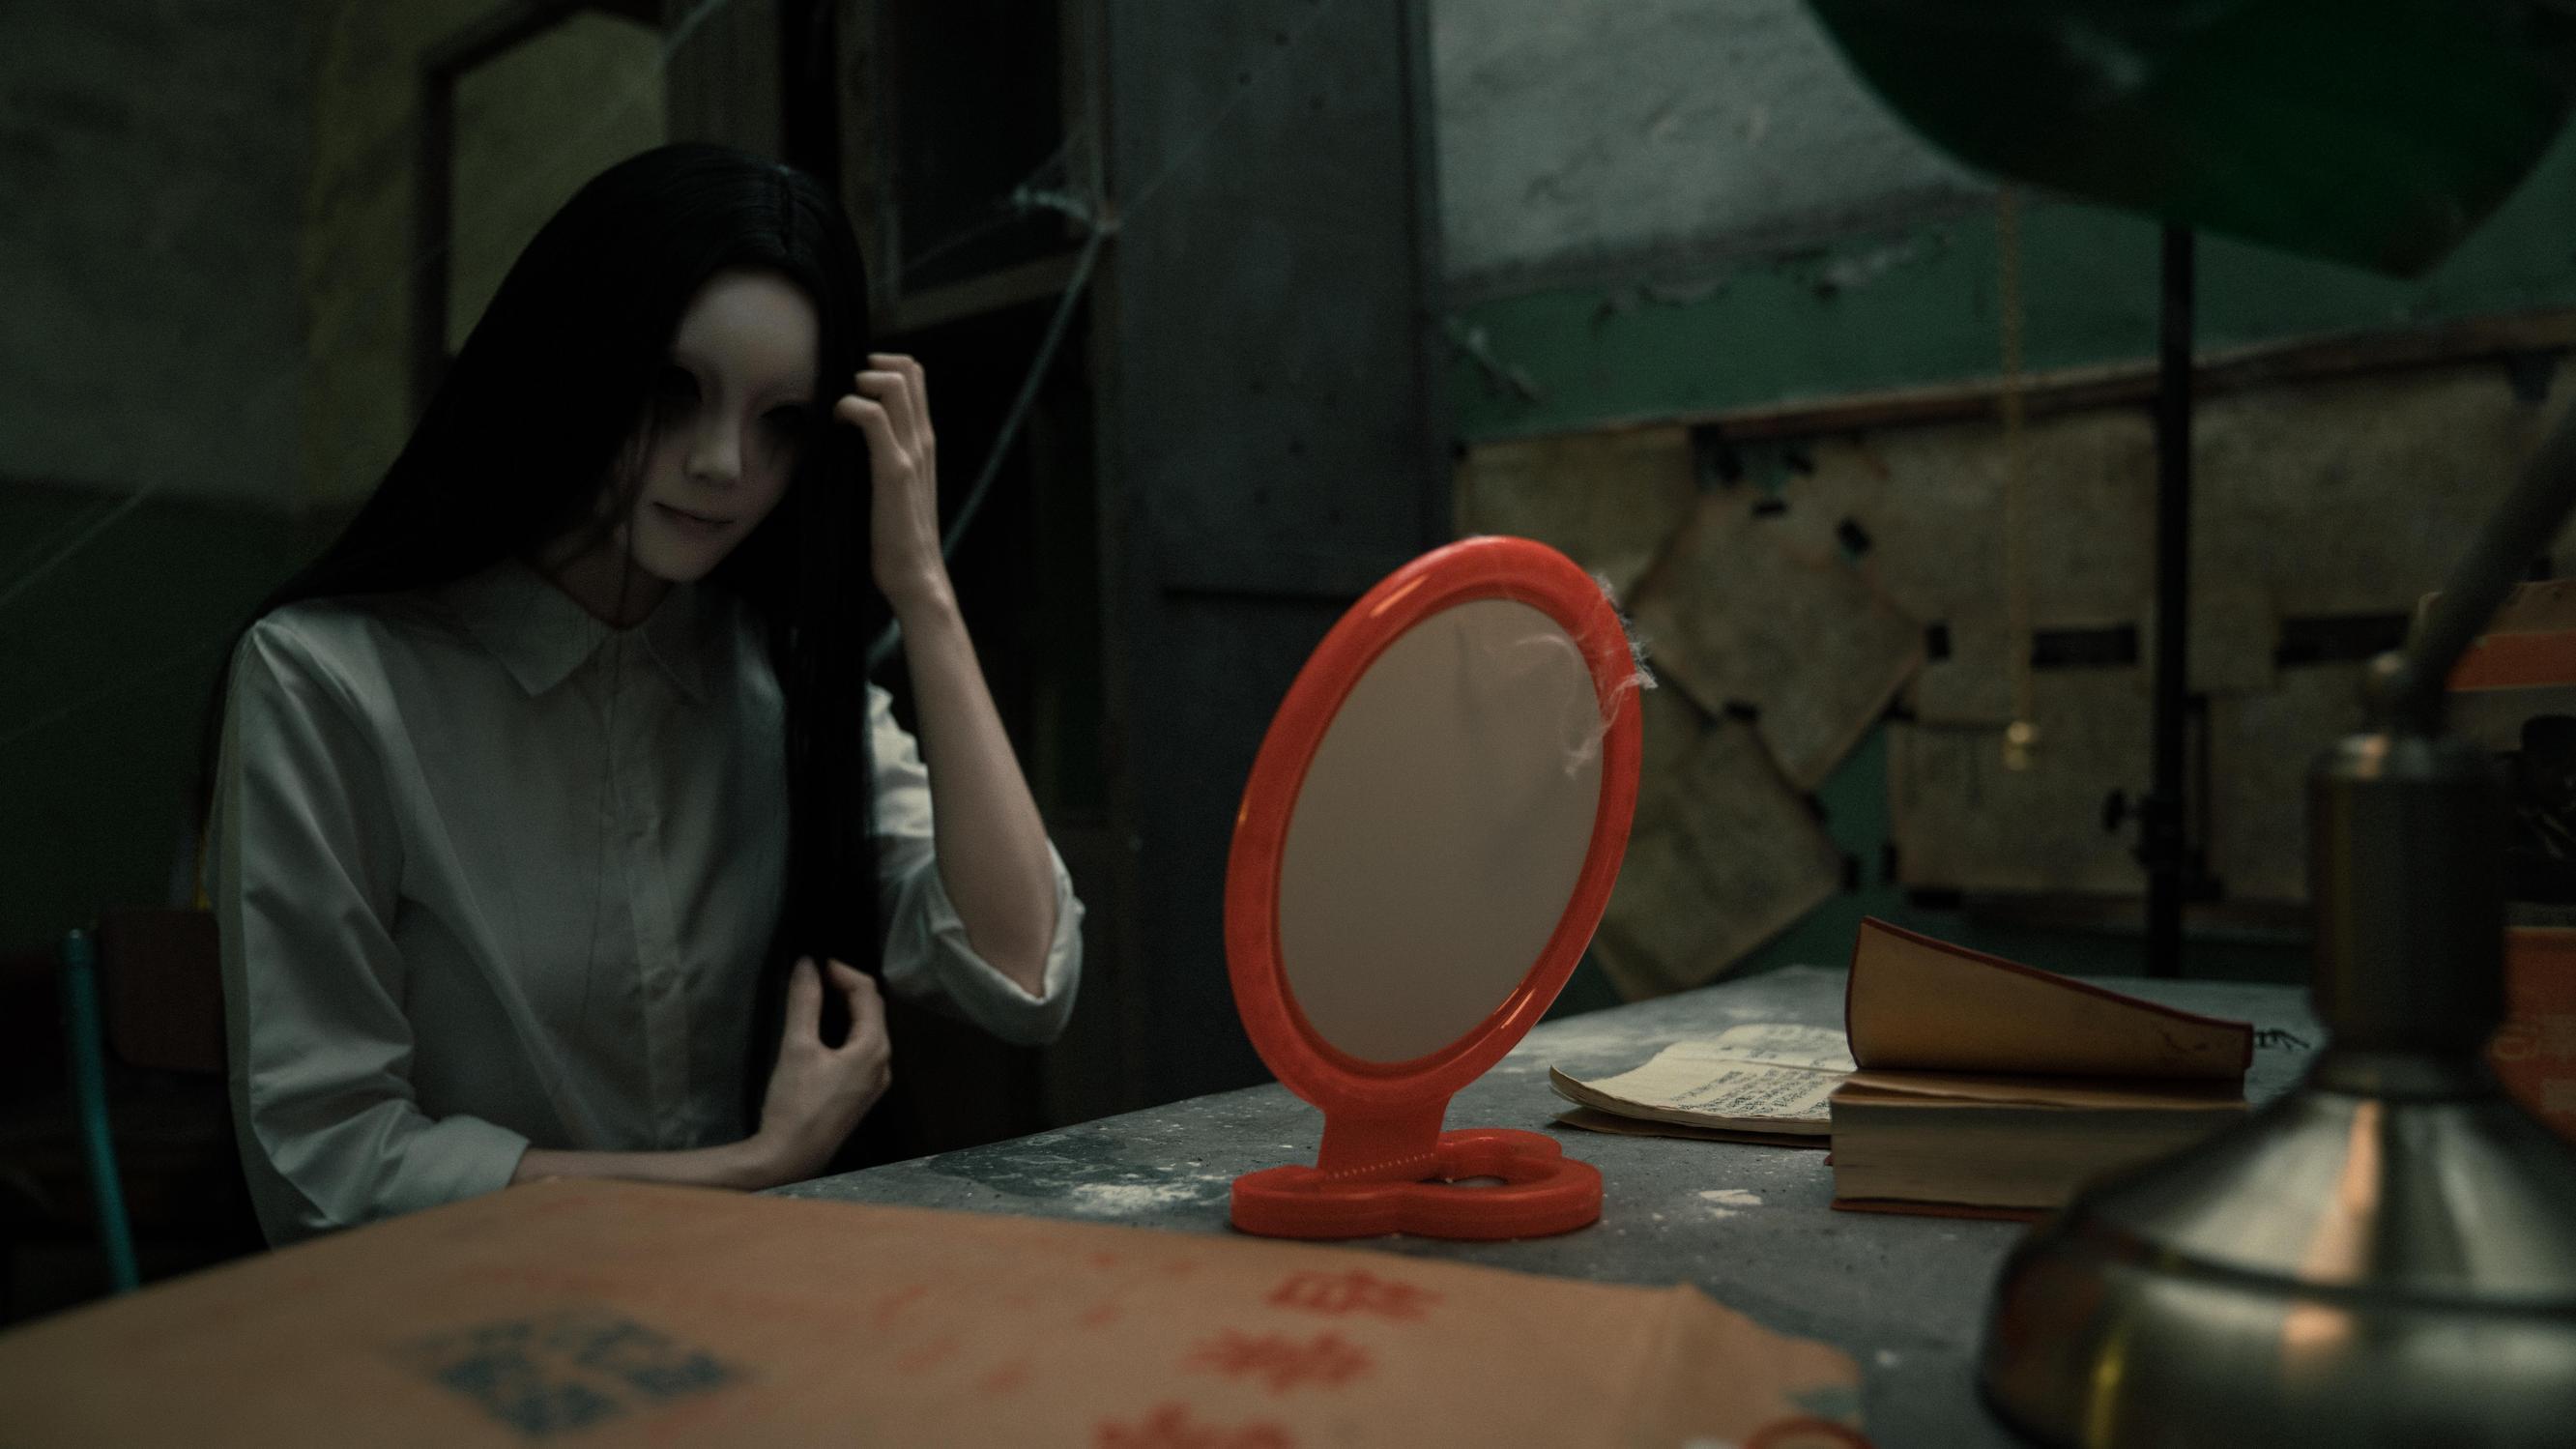 《盗墓笔记》禁婆cosplay【CN:千翊是翊不是羽】-第8张